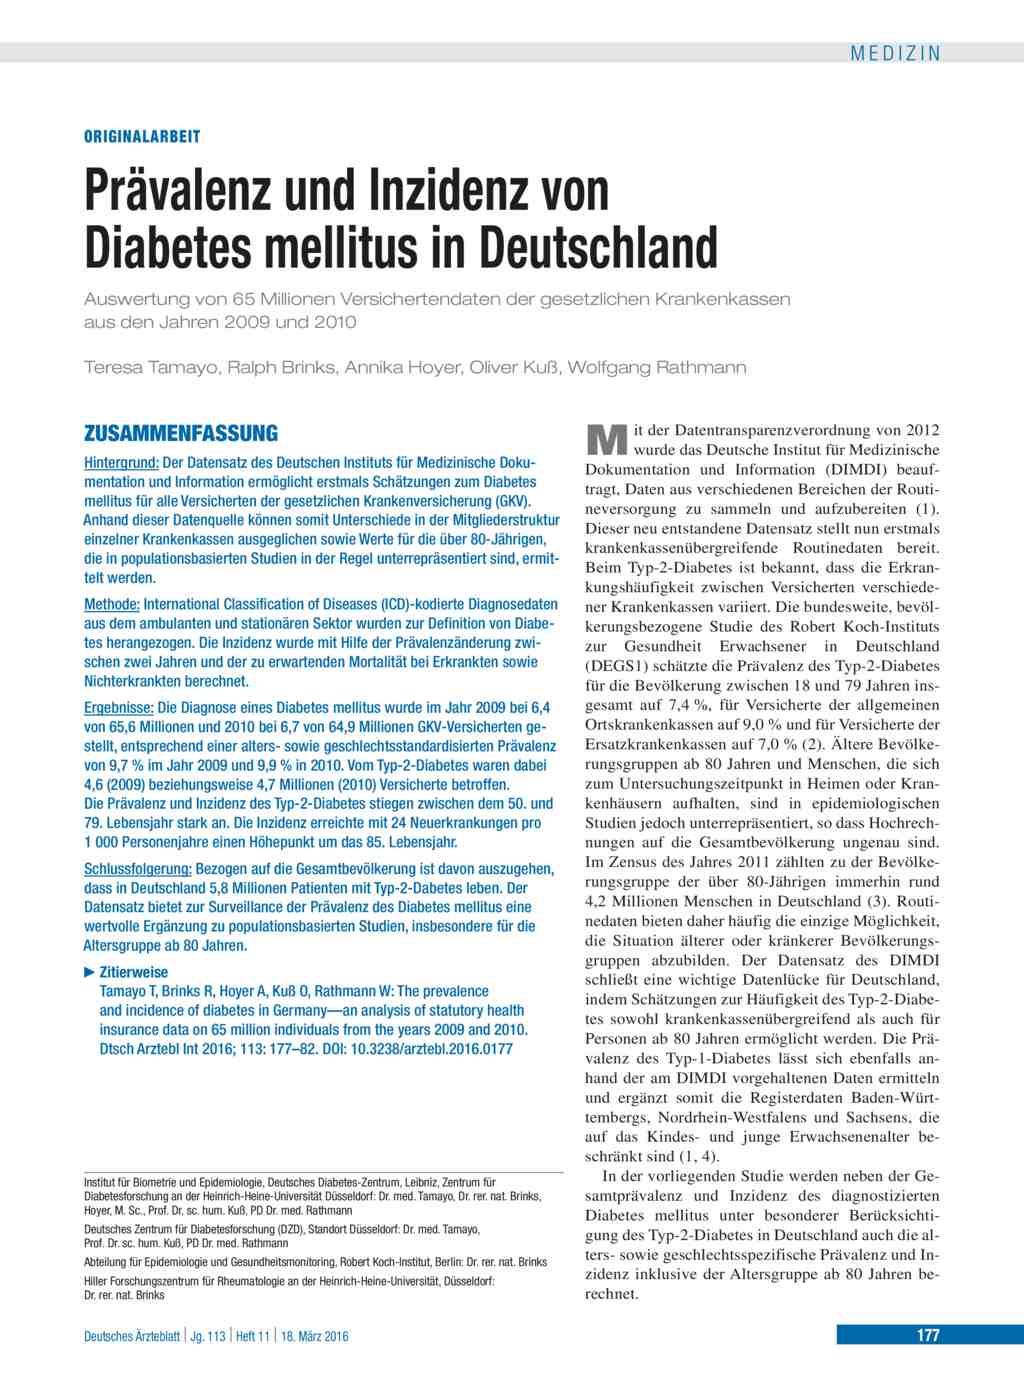 Prävalenz und Inzidenz von Diabetes mellitus in Deutschland